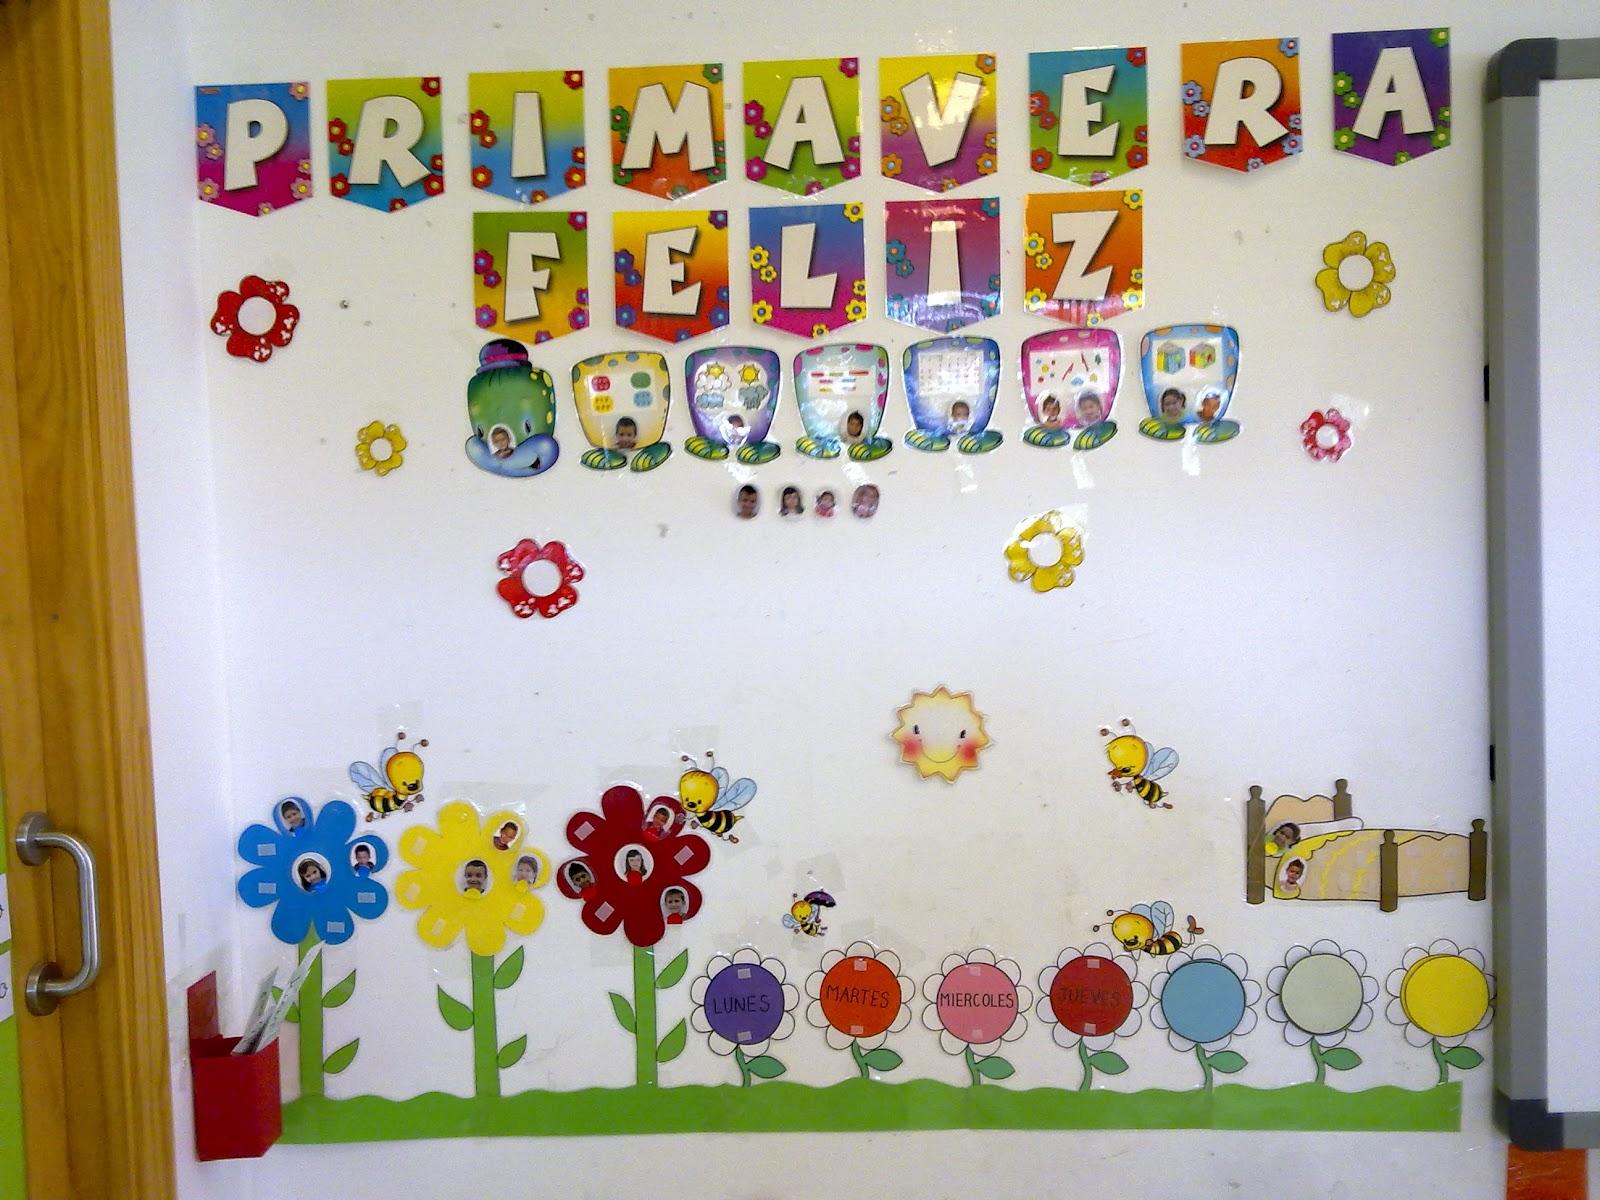 Quieres que te lo cuente otra vez decoraci n del aula for Decoracion del hogar en primavera